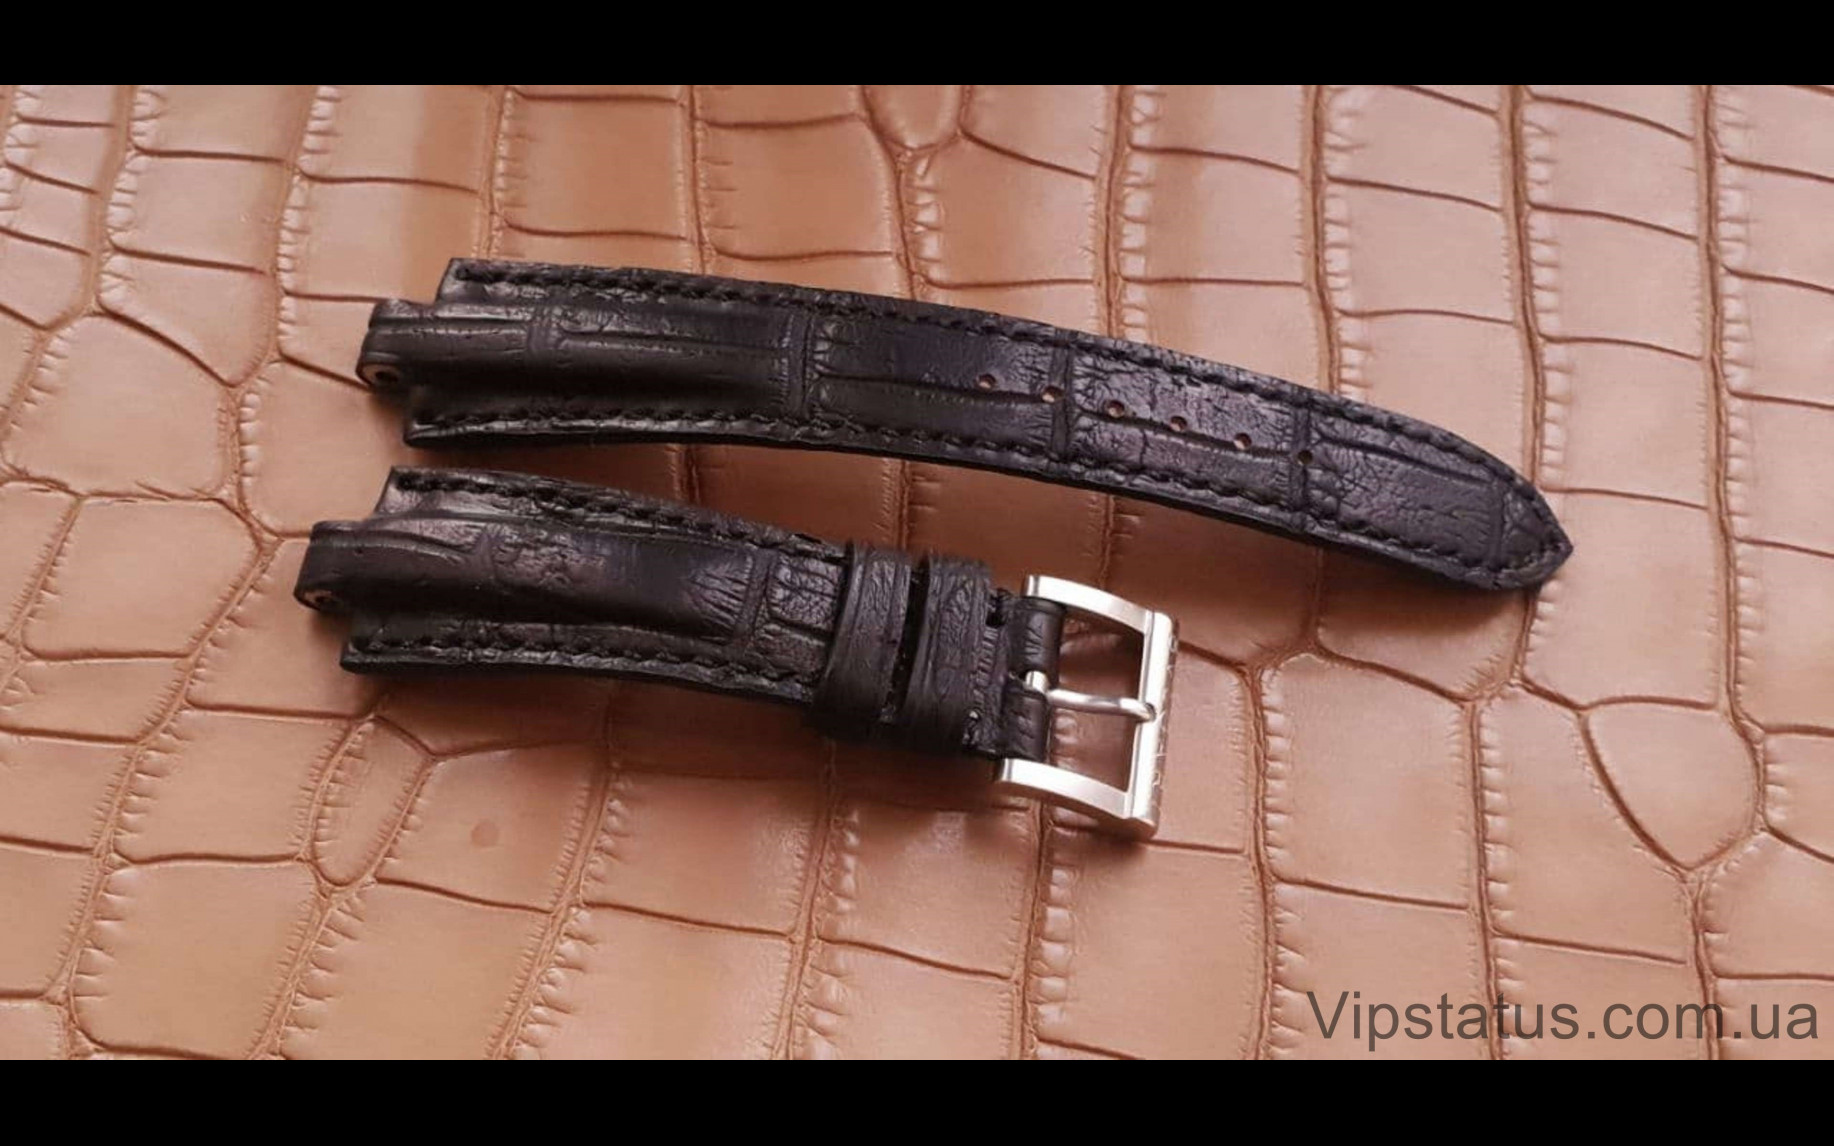 Элитный Эксклюзивный ремешок для часов Bvlgari Black кожа крокодила Элитный ремешок для часов Bvlgari из кожи крокодила изображение 2